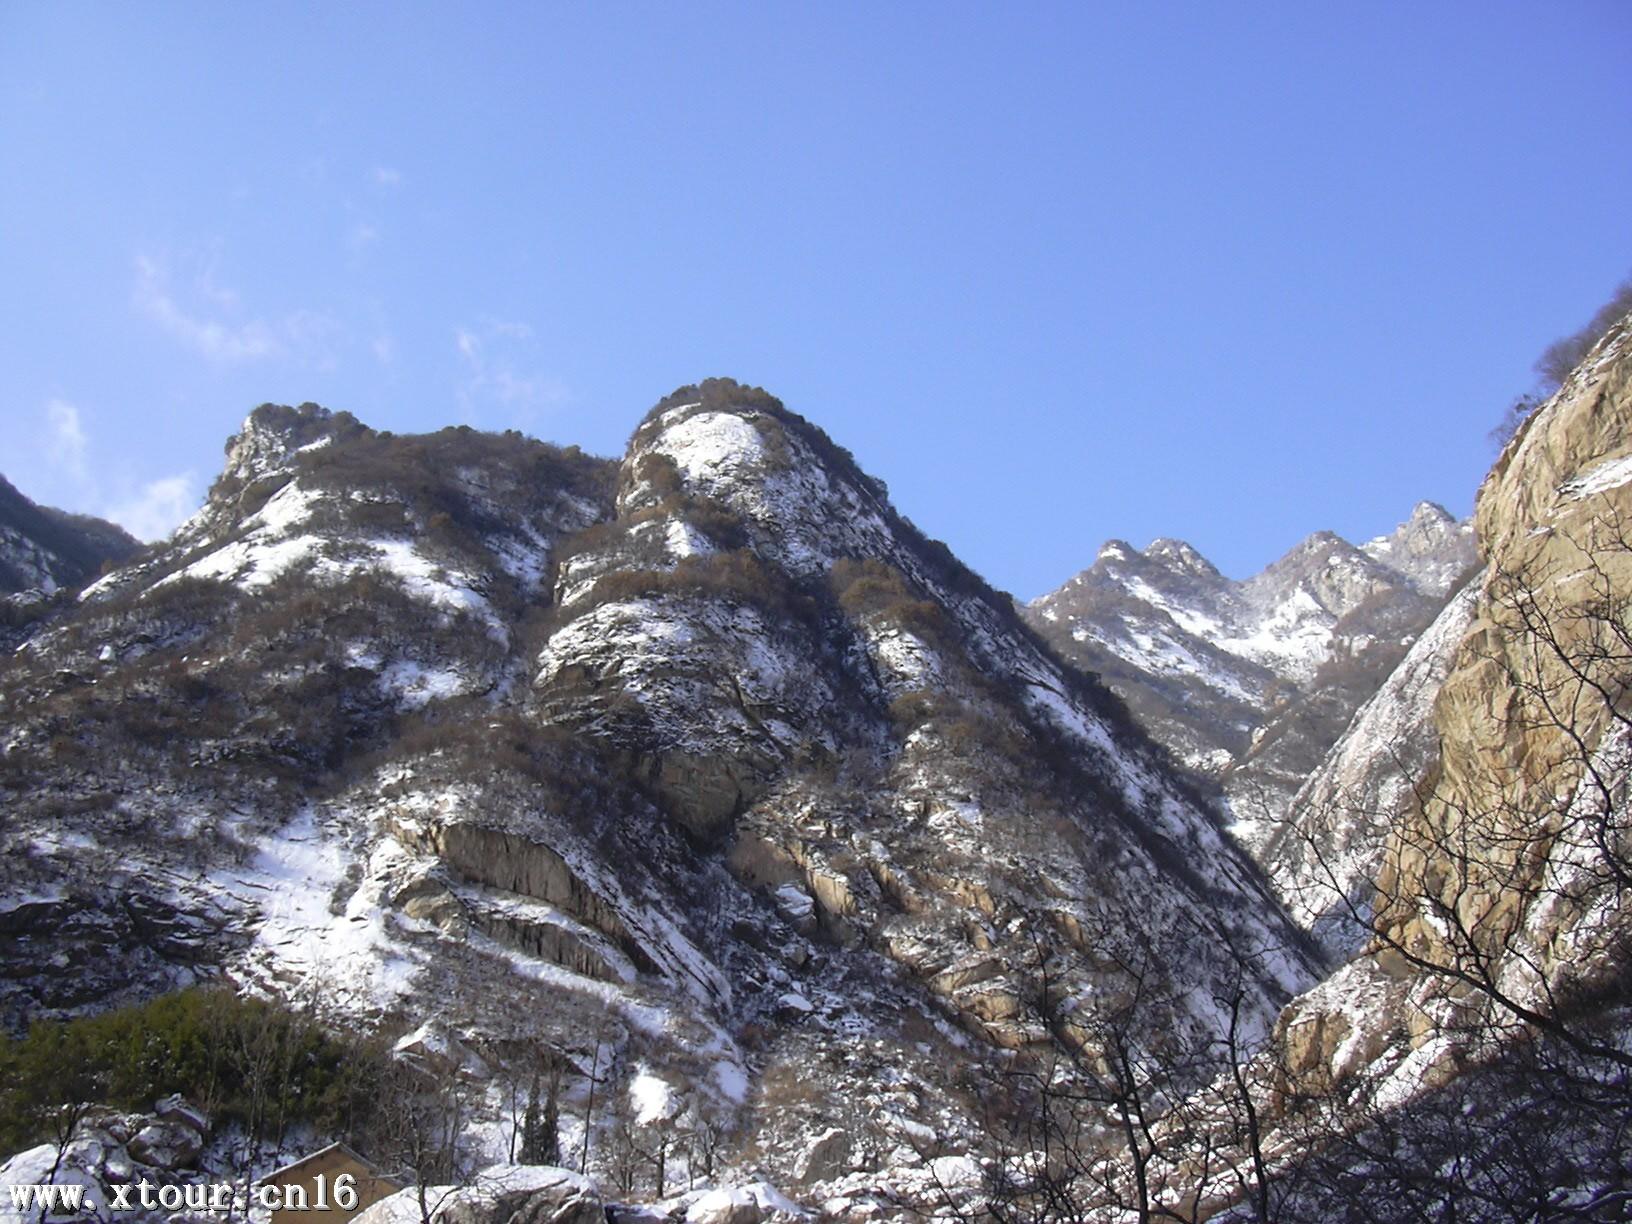 陕西太白山森林公园_太白山国家森林公园---※陕西旅游资料网图库※---www.xtour.cn/pic※